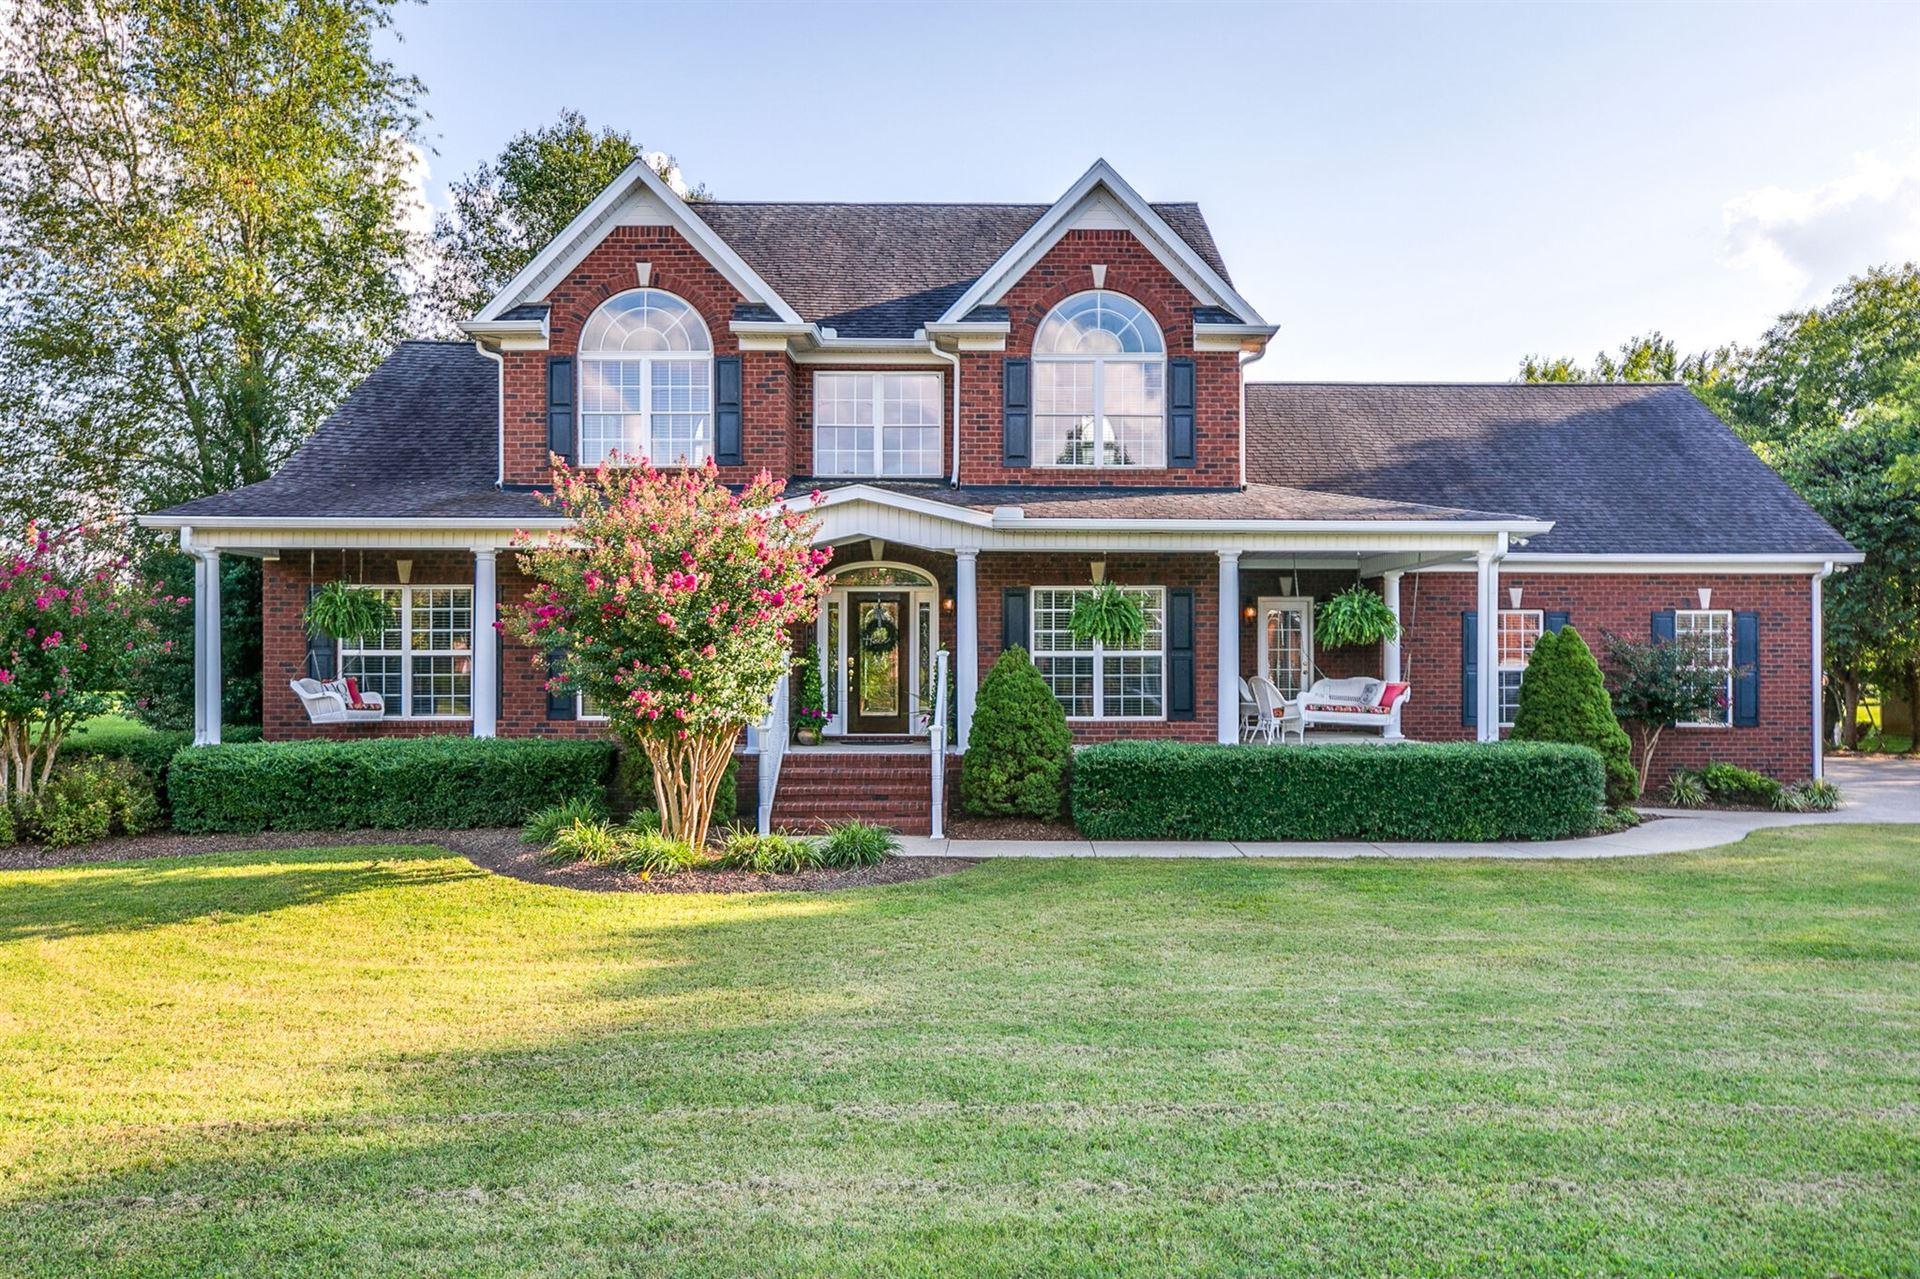 107 Whittle Ct, Murfreesboro, TN 37128 - MLS#: 2291064